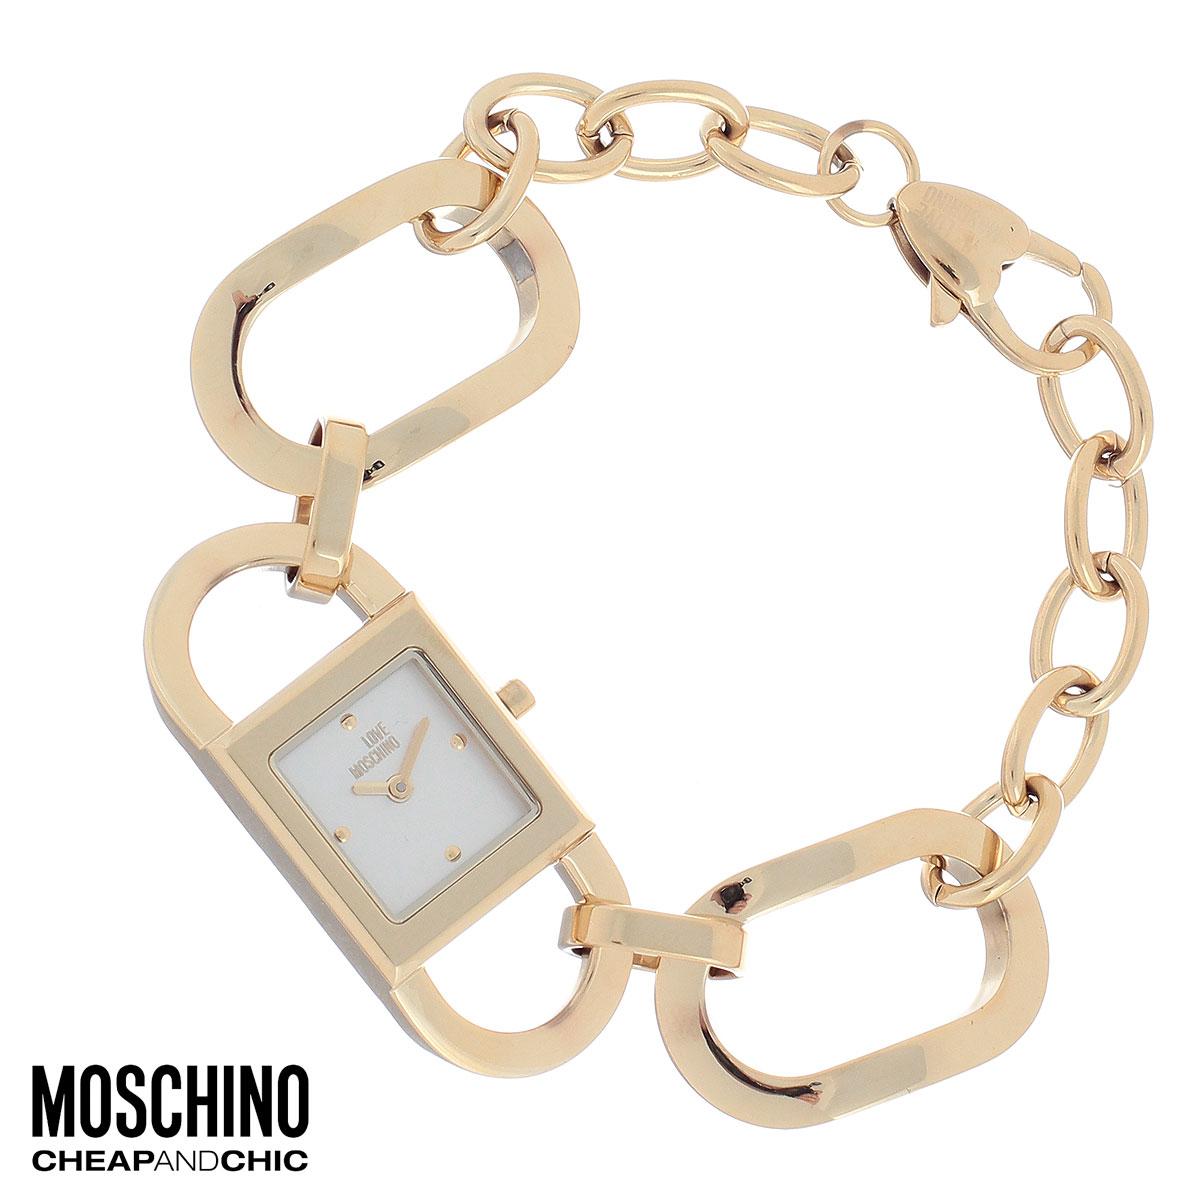 """Часы женские наручные Moschino, цвет: золотой. MW0478MW0478Наручные часы от известного итальянского бренда Moschino - это не только стильный и функциональный аксессуар, но и современные технологи, сочетающиеся с экстравагантным дизайном и индивидуальностью. Часы Moschino оснащены кварцевым механизмом. Корпус выполнен из высококачественной нержавеющей стали с PVD-покрытием. Циферблат с отметками оформлен надписью """"Love Moschino и защищен минеральным стеклом. Часы имеют две стрелки - часовую и минутную. Браслет часов выполнен из нержавеющей стали в виде цепочки из крупных звеньев и имеет надежную застежку-карабин. Часы упакованы в фирменную металлическую коробку с логотипом бренда. Часы Moschino благодаря своему уникальному дизайну отличаются от часов других марок своеобразными циферблатами, функциональностью, а также набором уникальных технических свойств. Каждой модели присуща легкая экстравагантность, самобытность и, безусловно, великолепный вкус. Характеристики: Размер циферблата:..."""